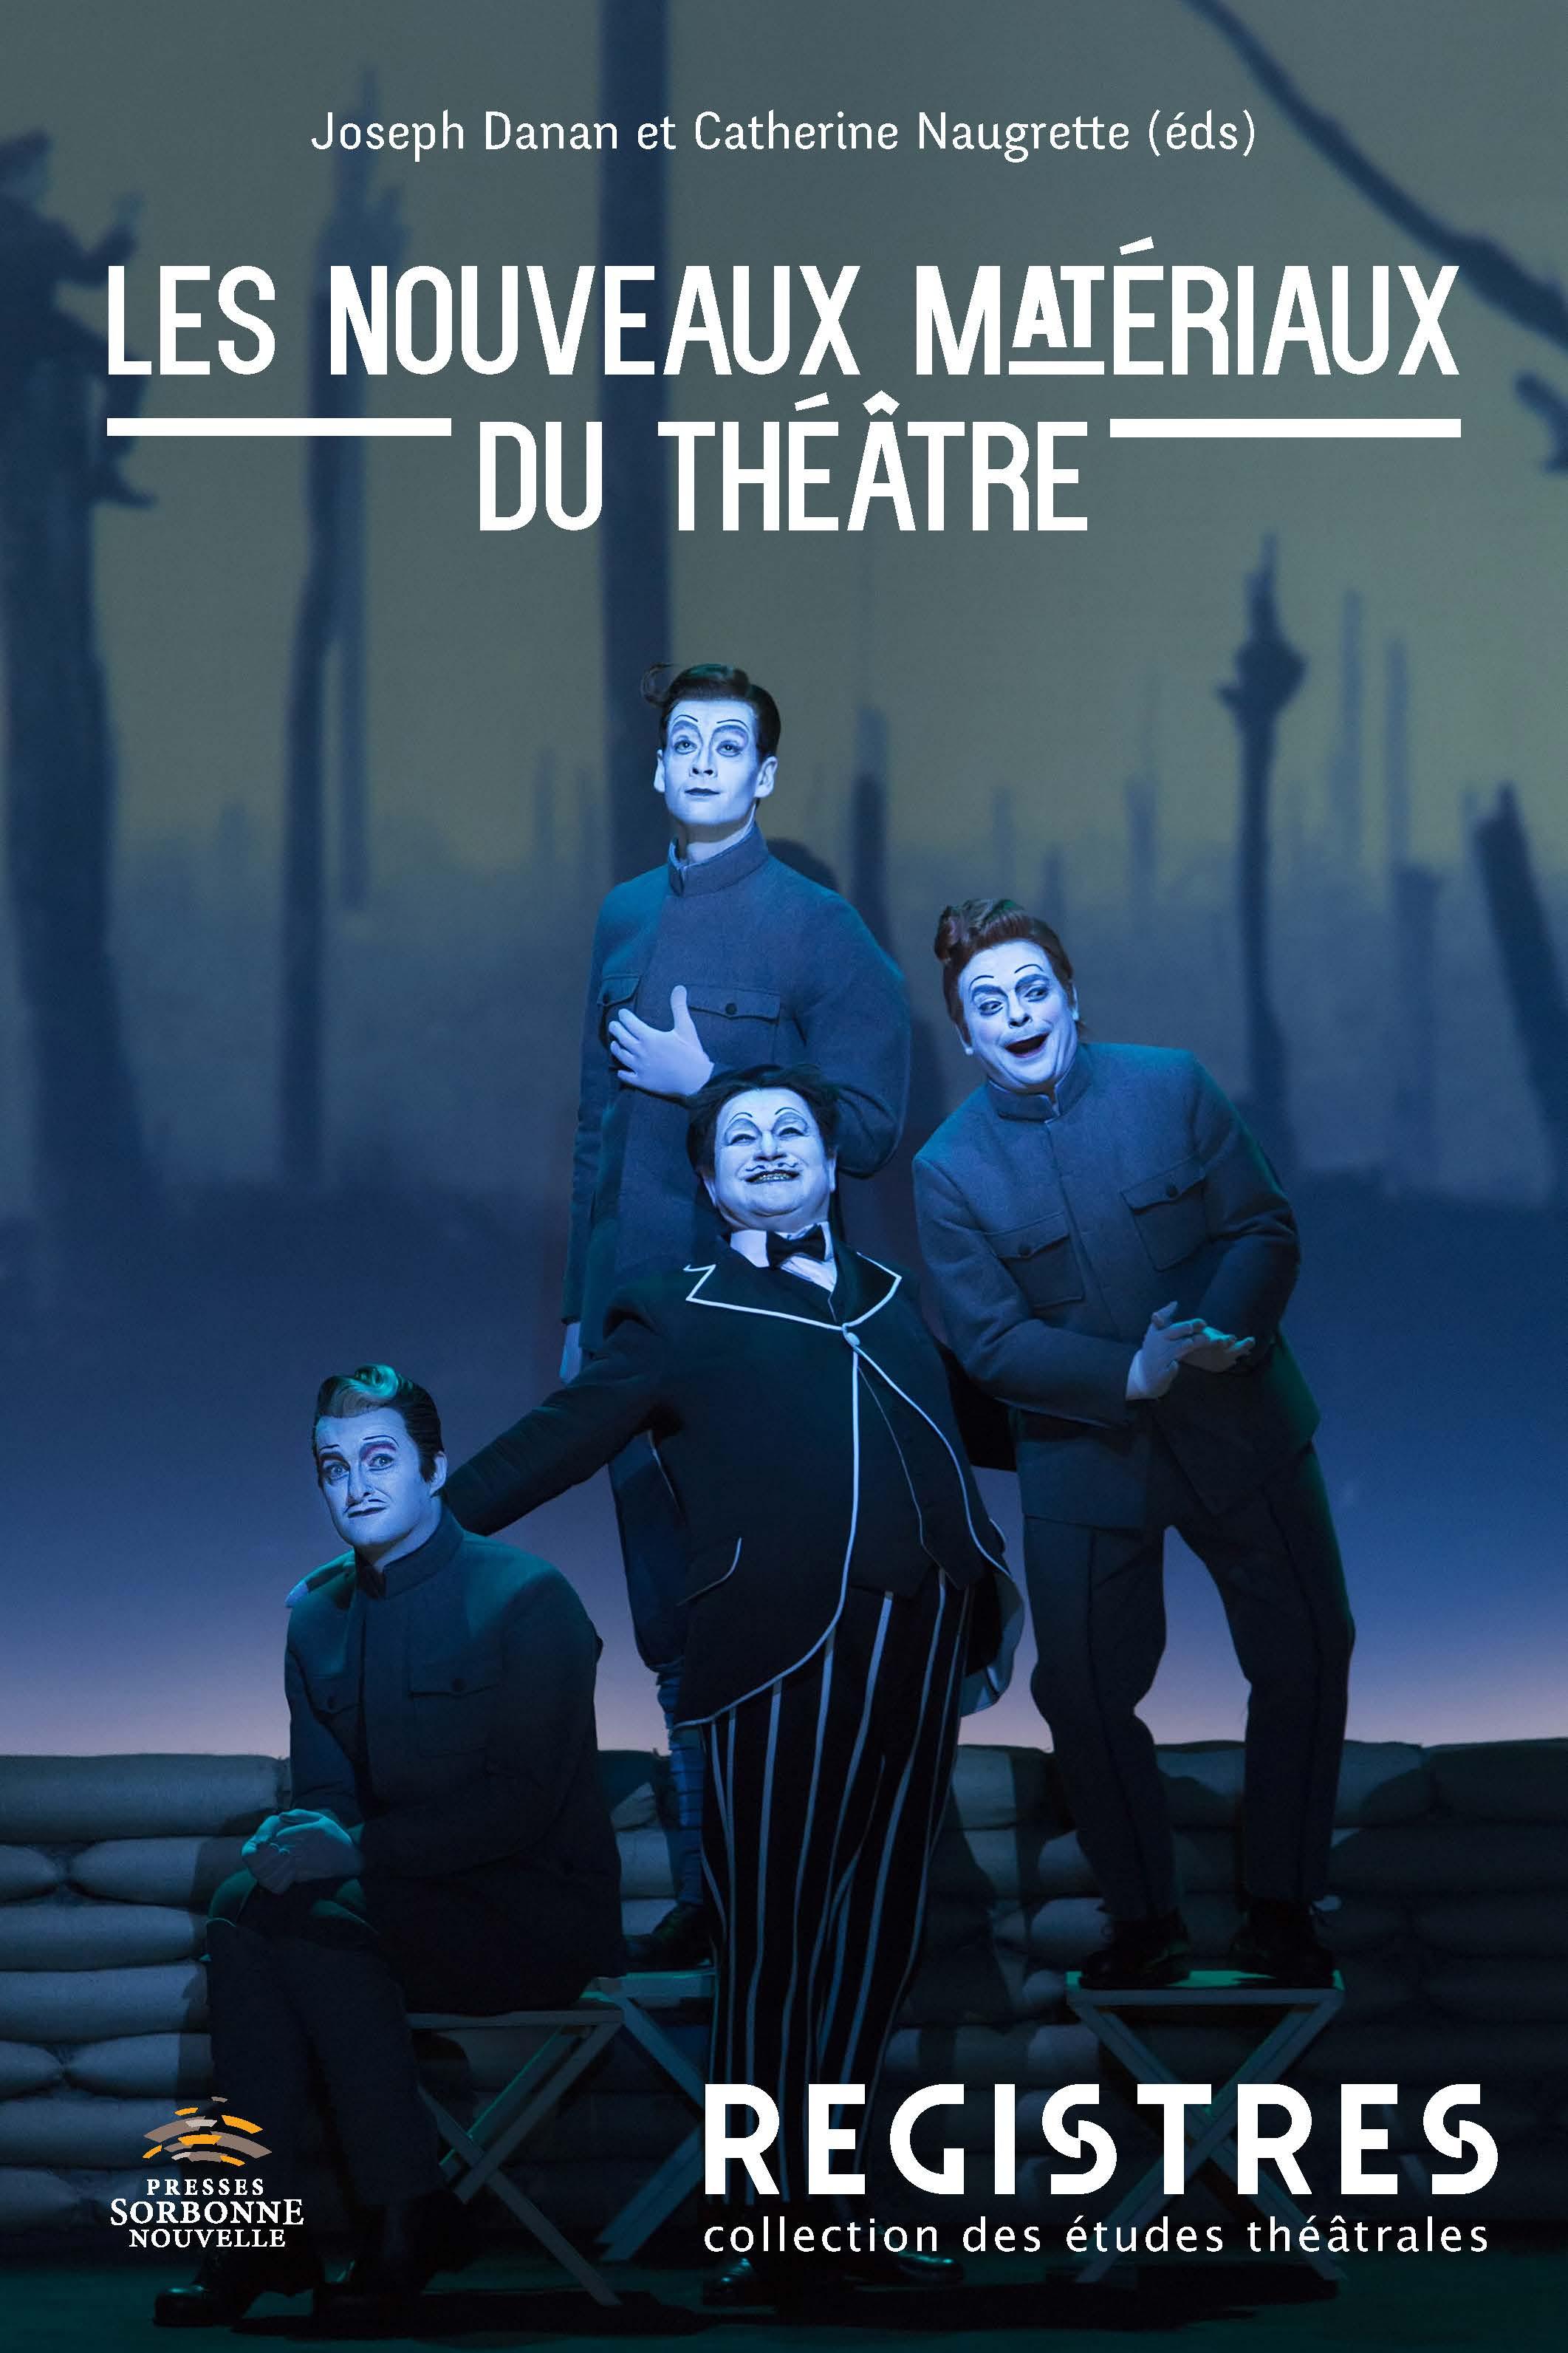 J. Danan et C. Naugrette (dir.), Les Nouveaux Matériaux du théâtre